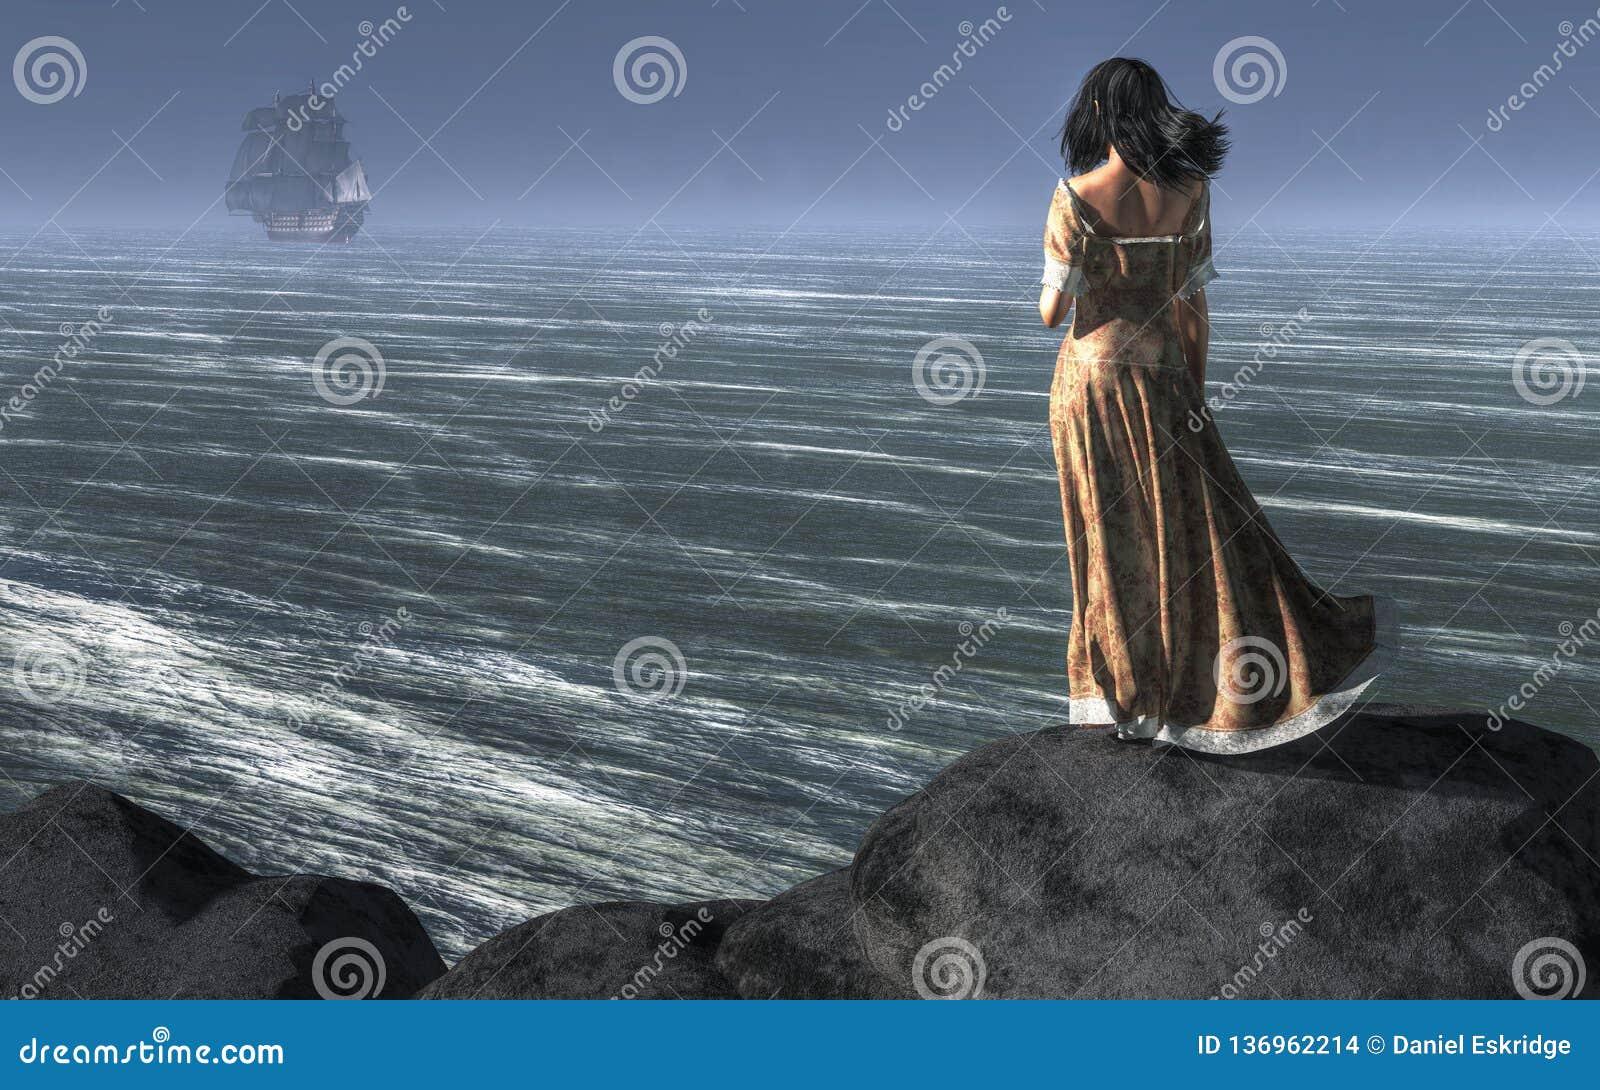 Woman Watching a Ship Sailing Away